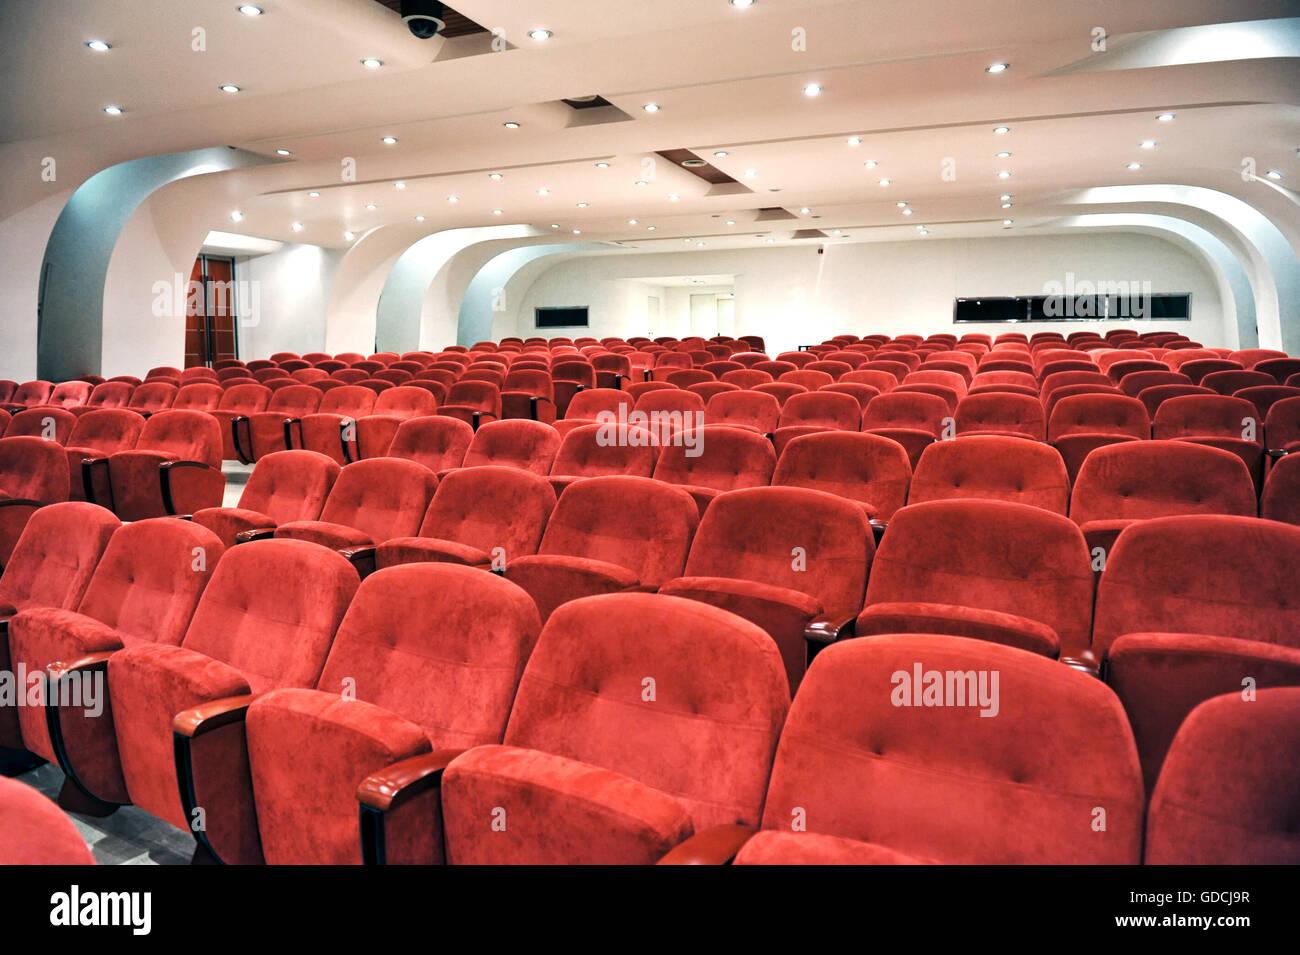 Leeren roten Sitzreihen für die Zuschauer in einem Auditorium, Kino oder Unterhaltung Veranstaltungsort gesehen Stockbild